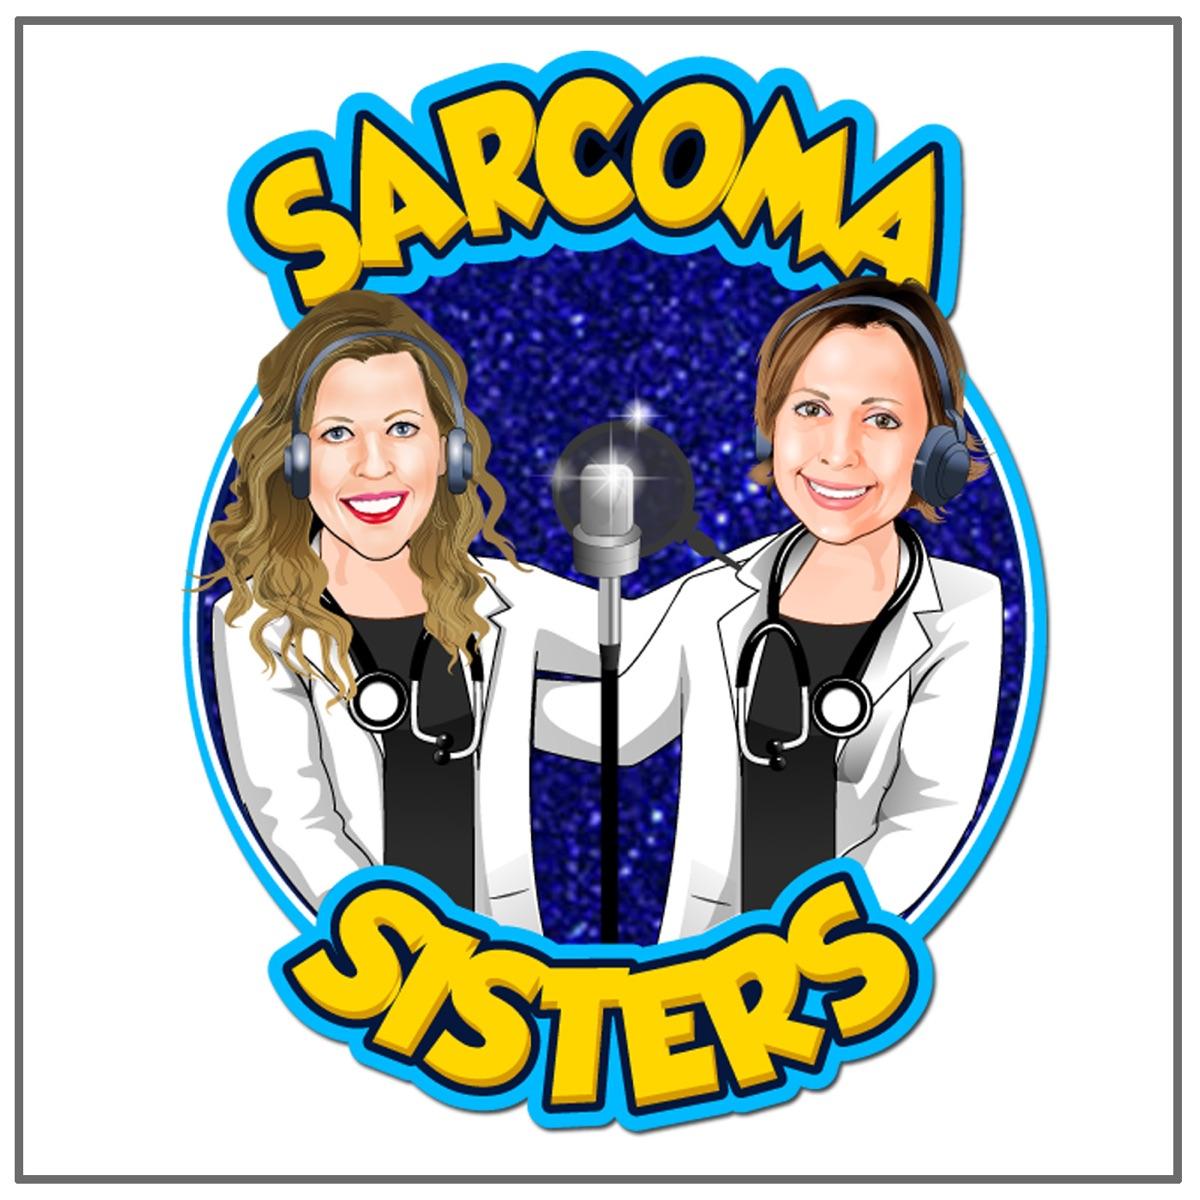 Sarcoma Sisters